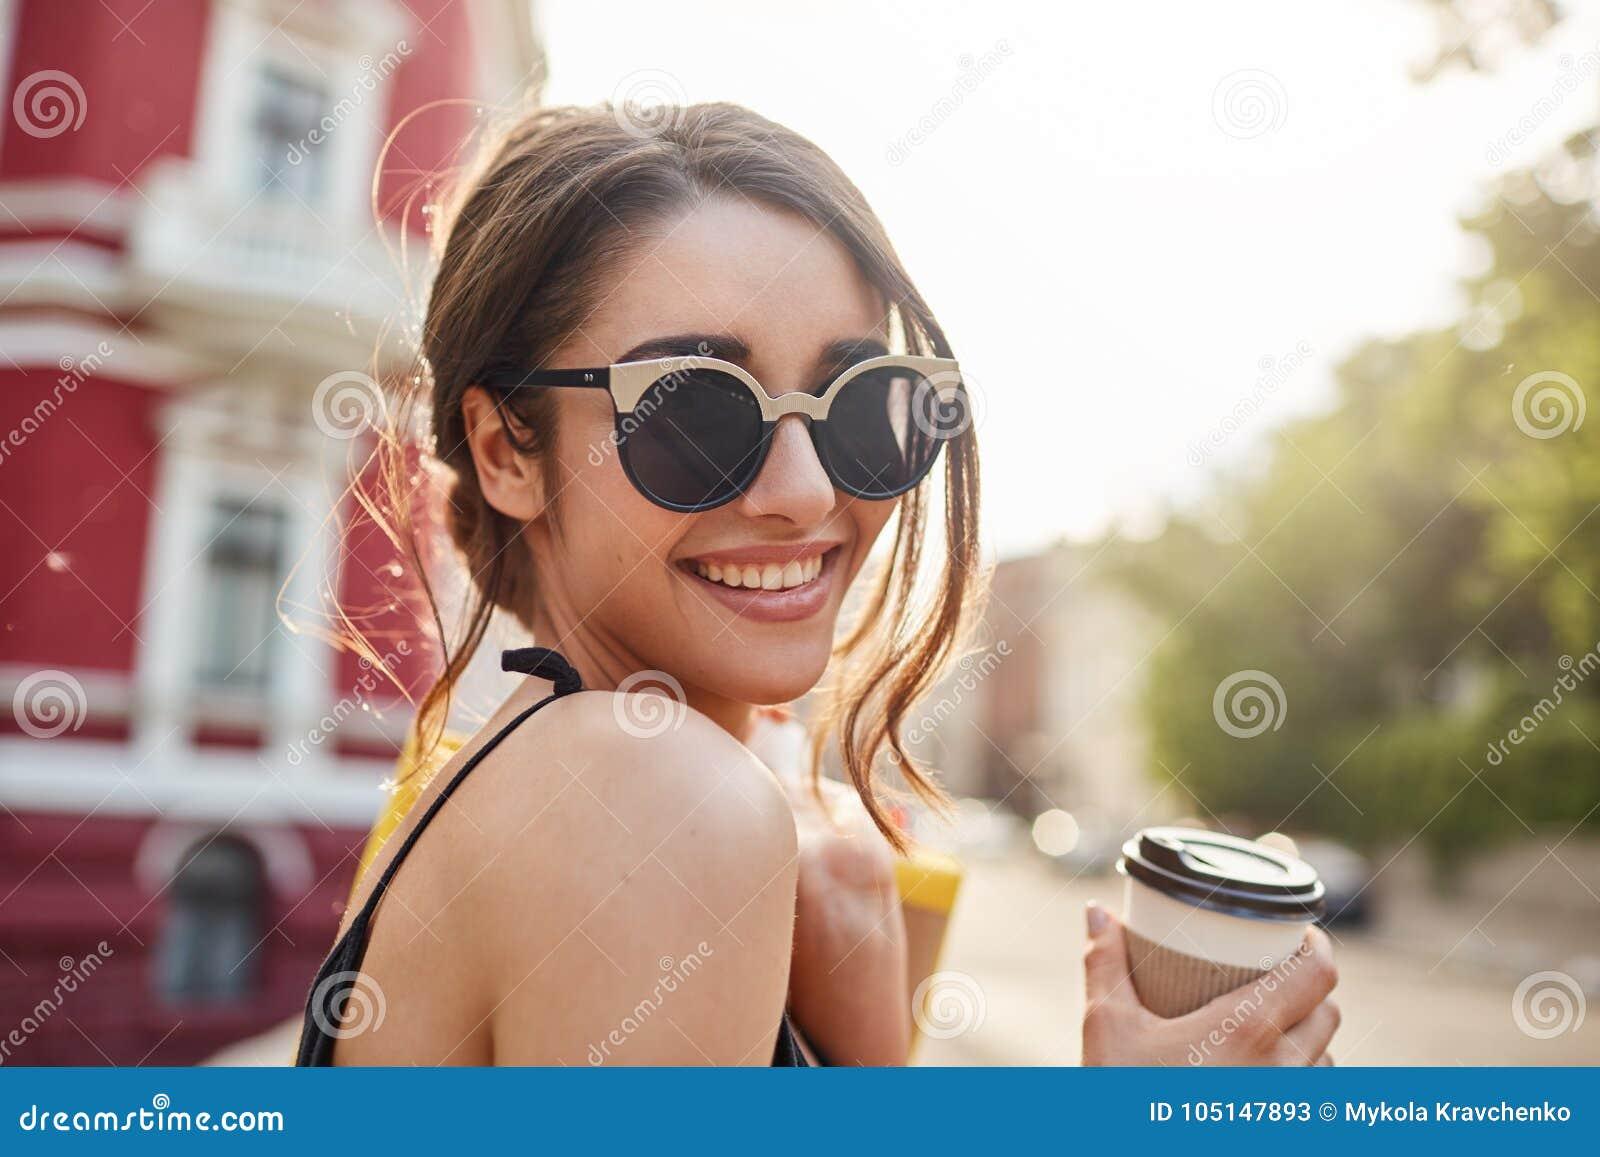 Weicher Fokus Enthalten Sie Steigungs- und Ausschnittsmaske Schließen Sie herauf Porträt der frohen jungen attraktiven dunkelhaar